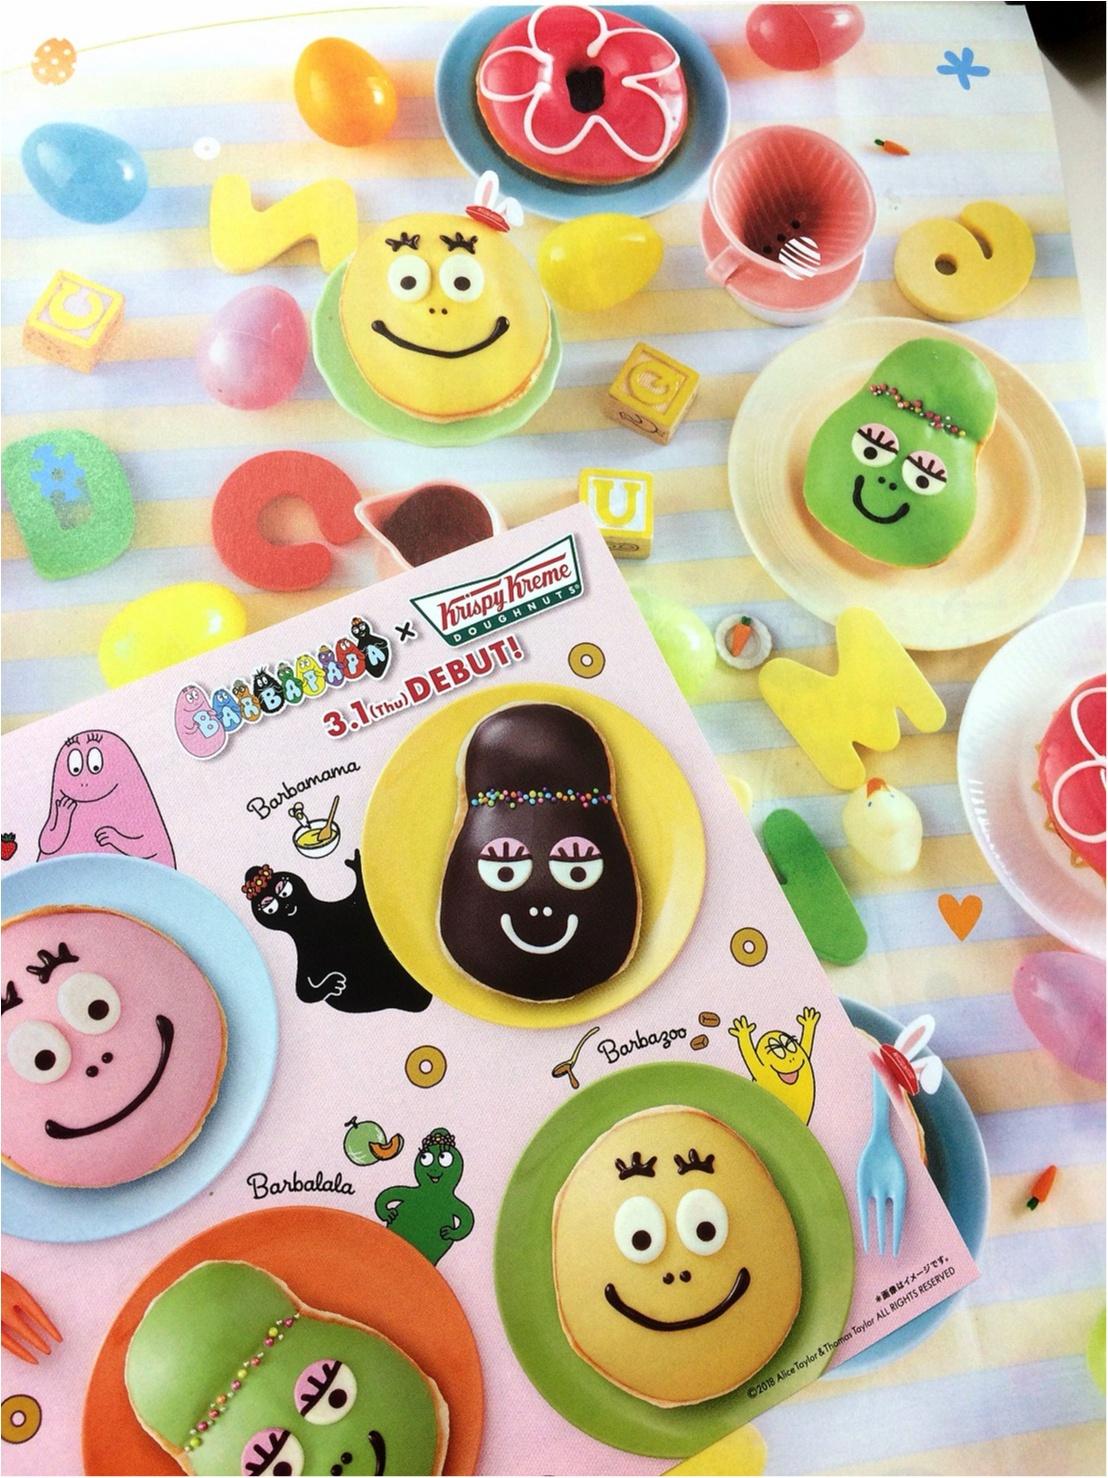 【バーバパパ】とクリスピー・クリーム・ドーナツがコラボ!_1